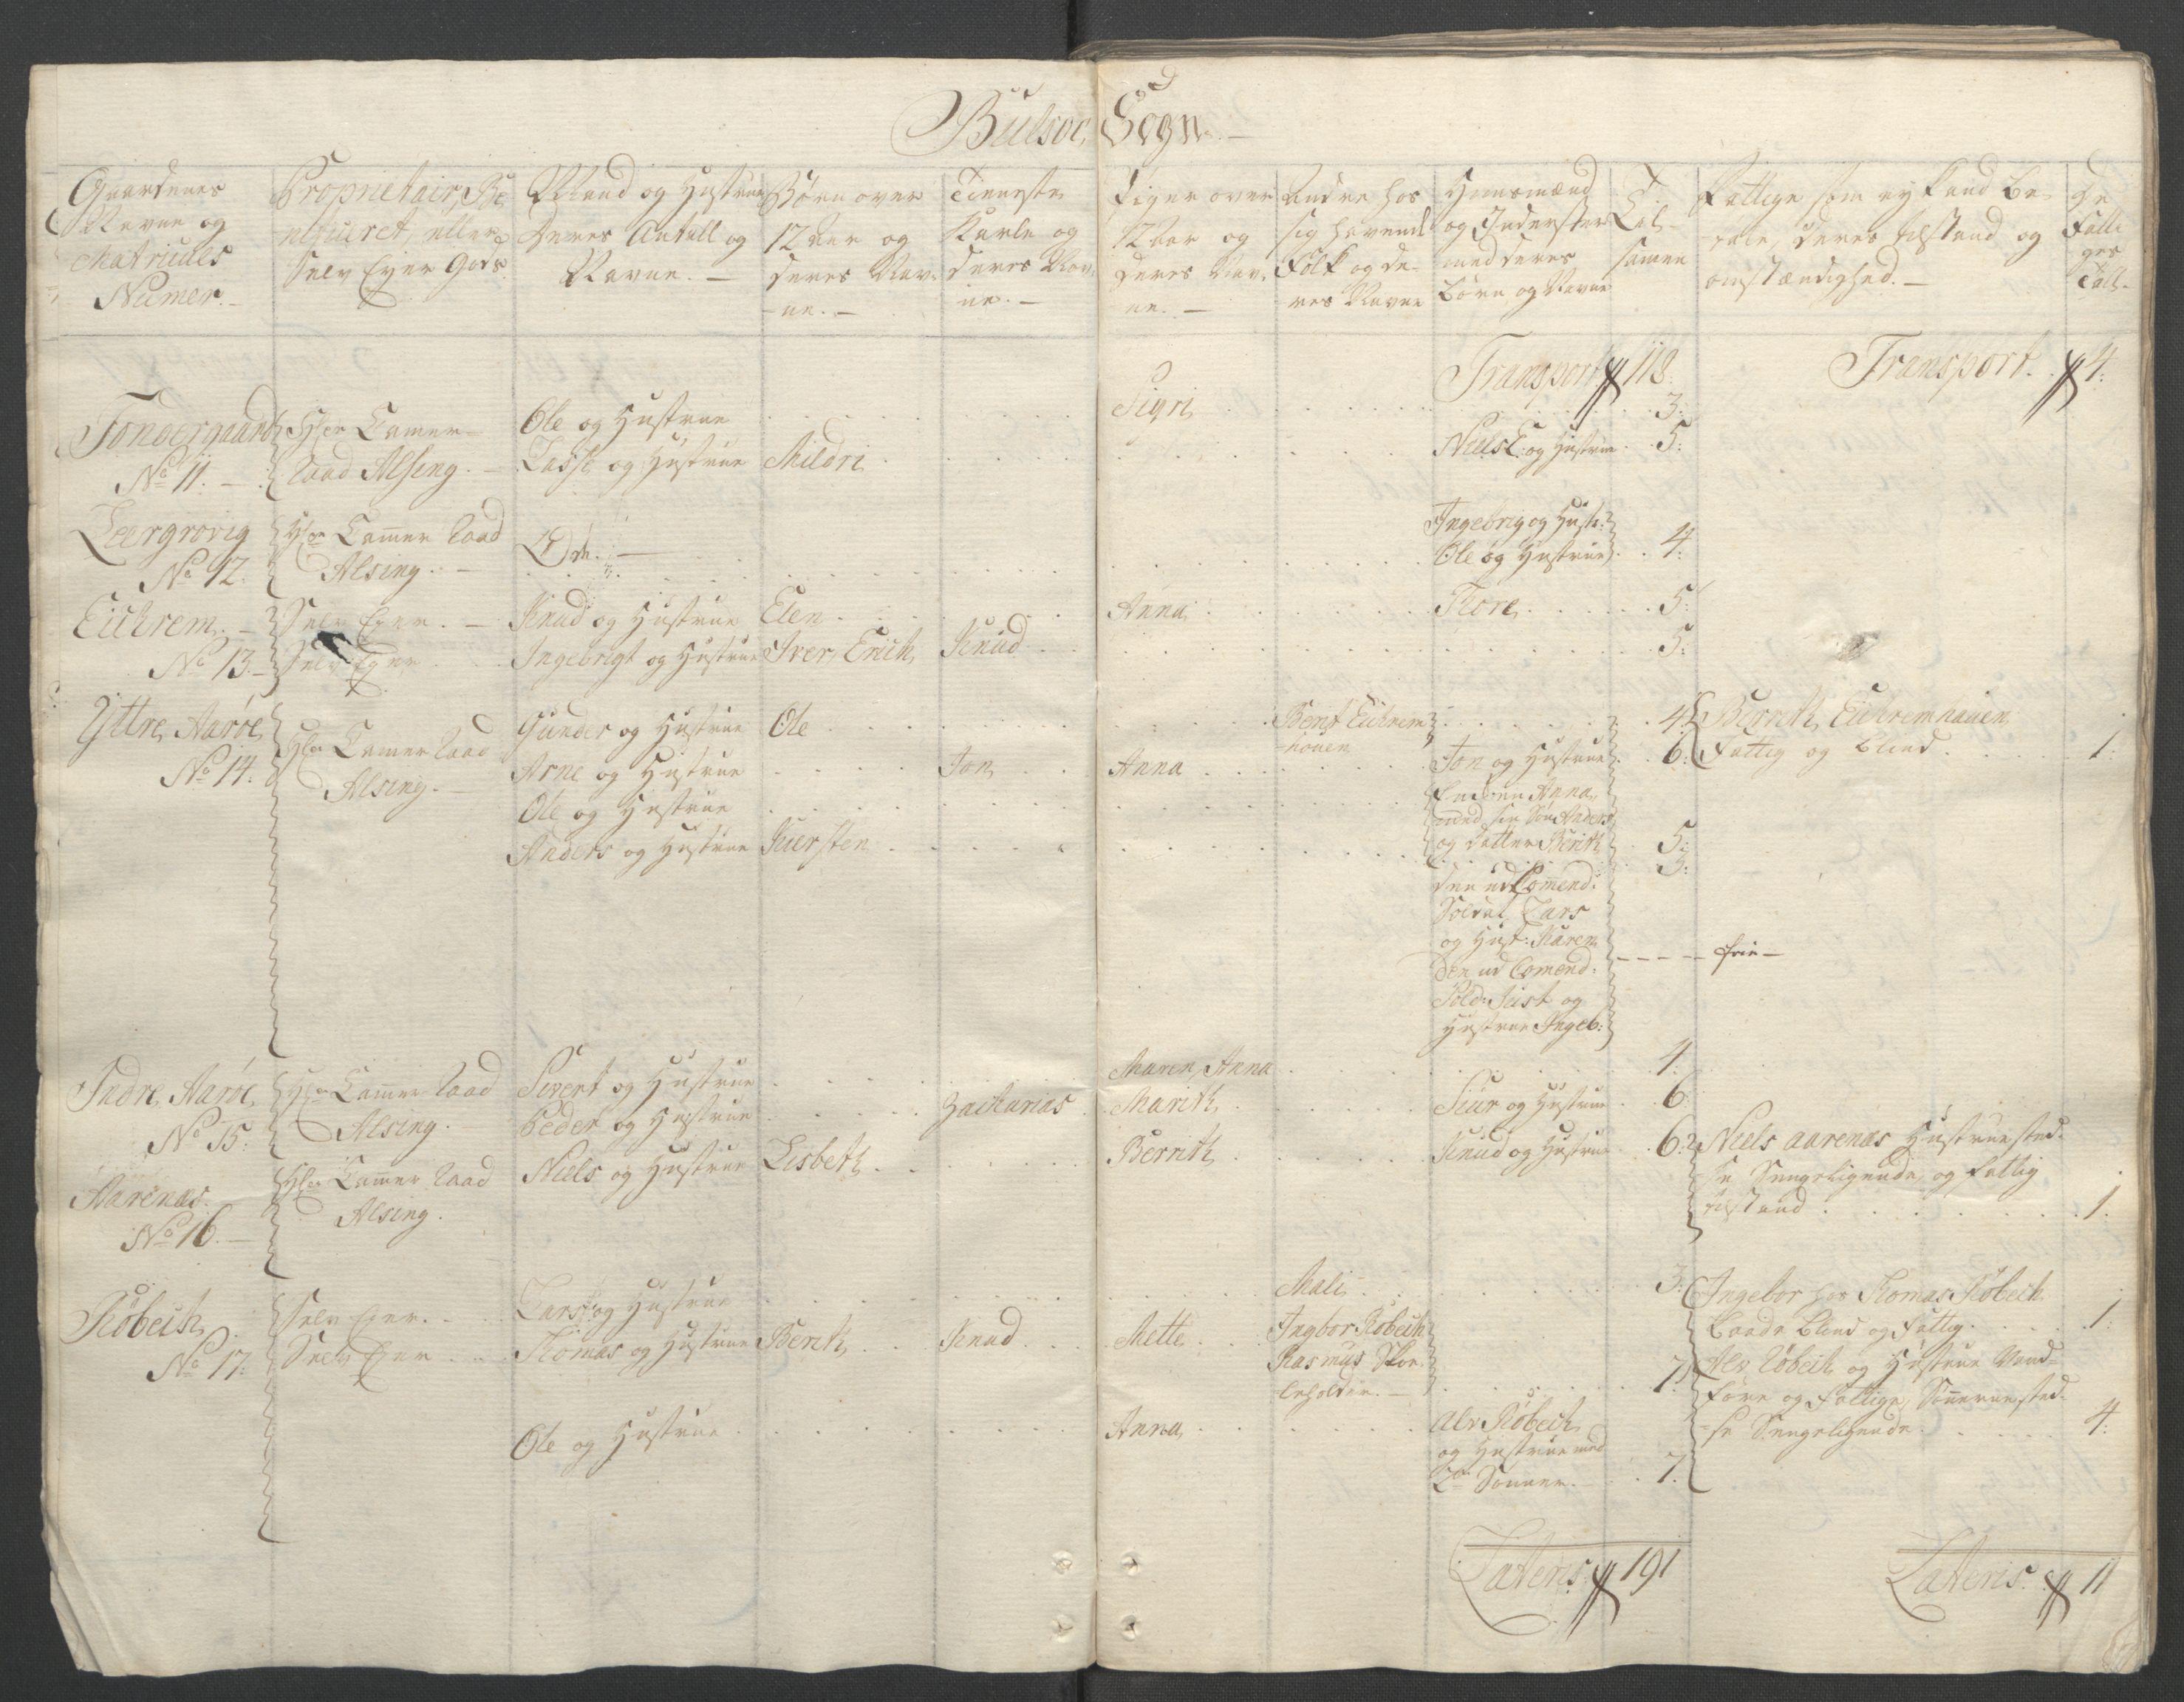 RA, Rentekammeret inntil 1814, Reviderte regnskaper, Fogderegnskap, R55/L3730: Ekstraskatten Romsdal, 1762-1763, s. 15